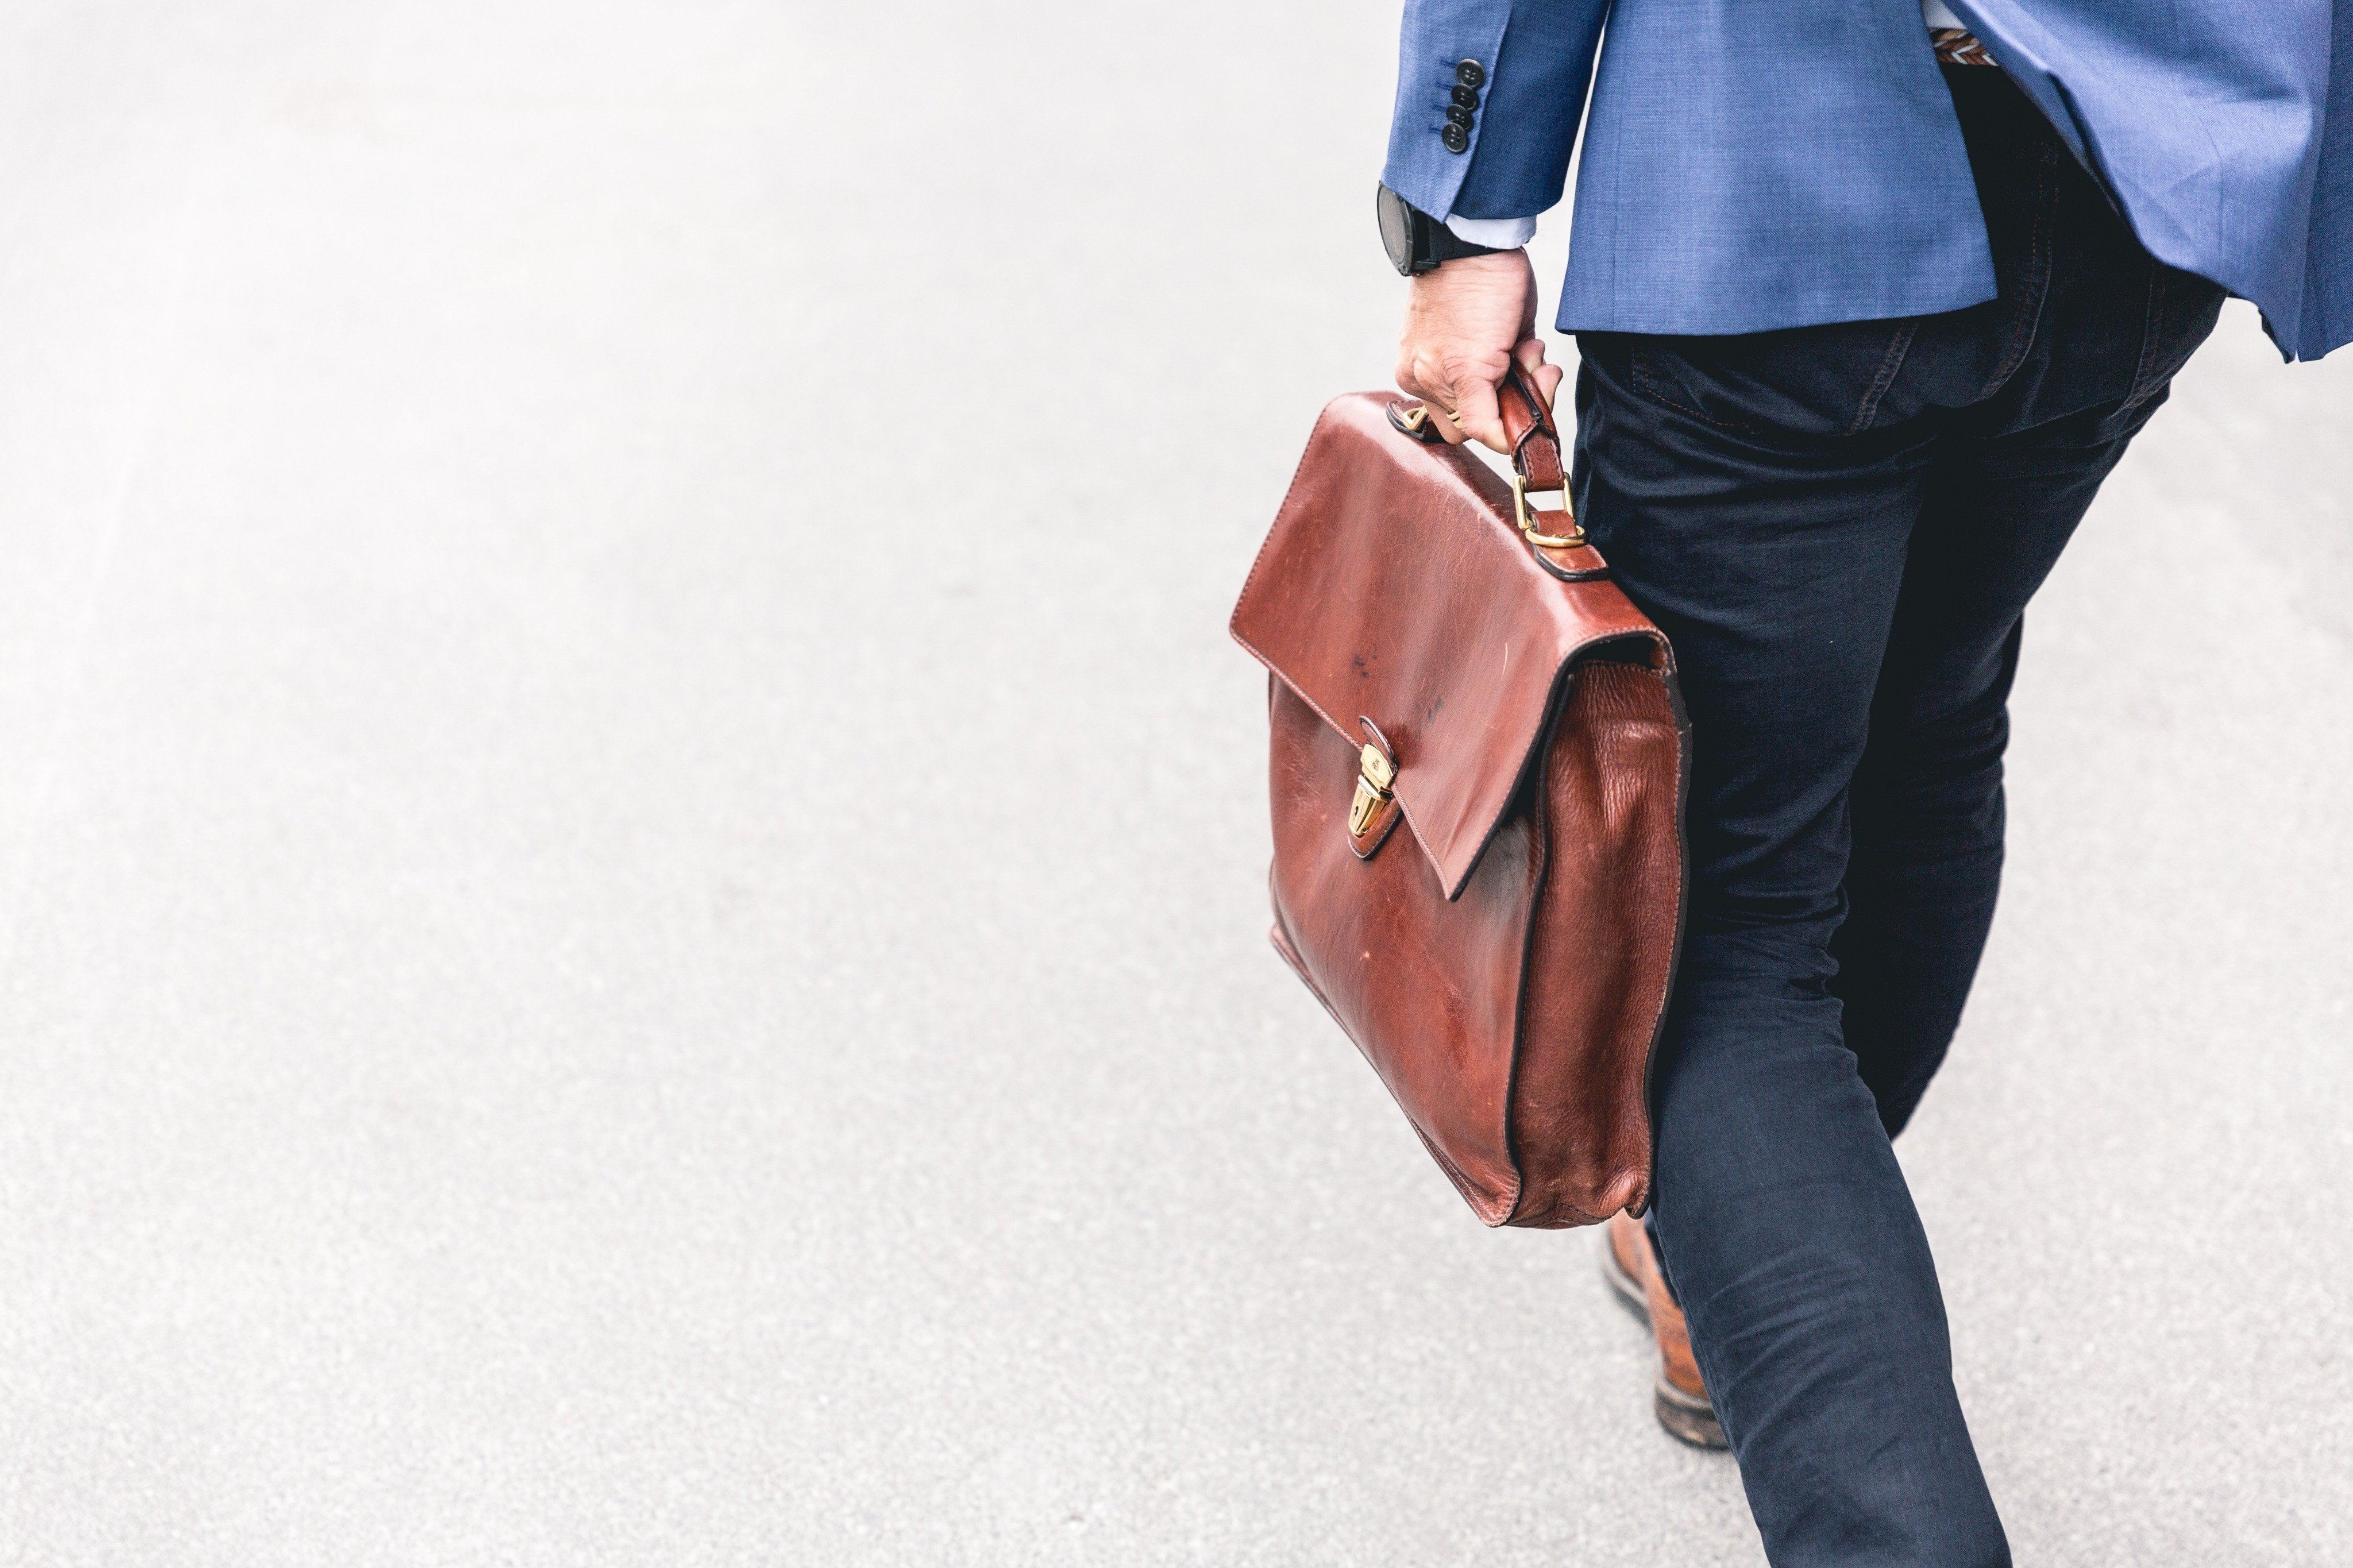 Личностные качества карьеристок: какие черты характера усилят бизнес-хватку?